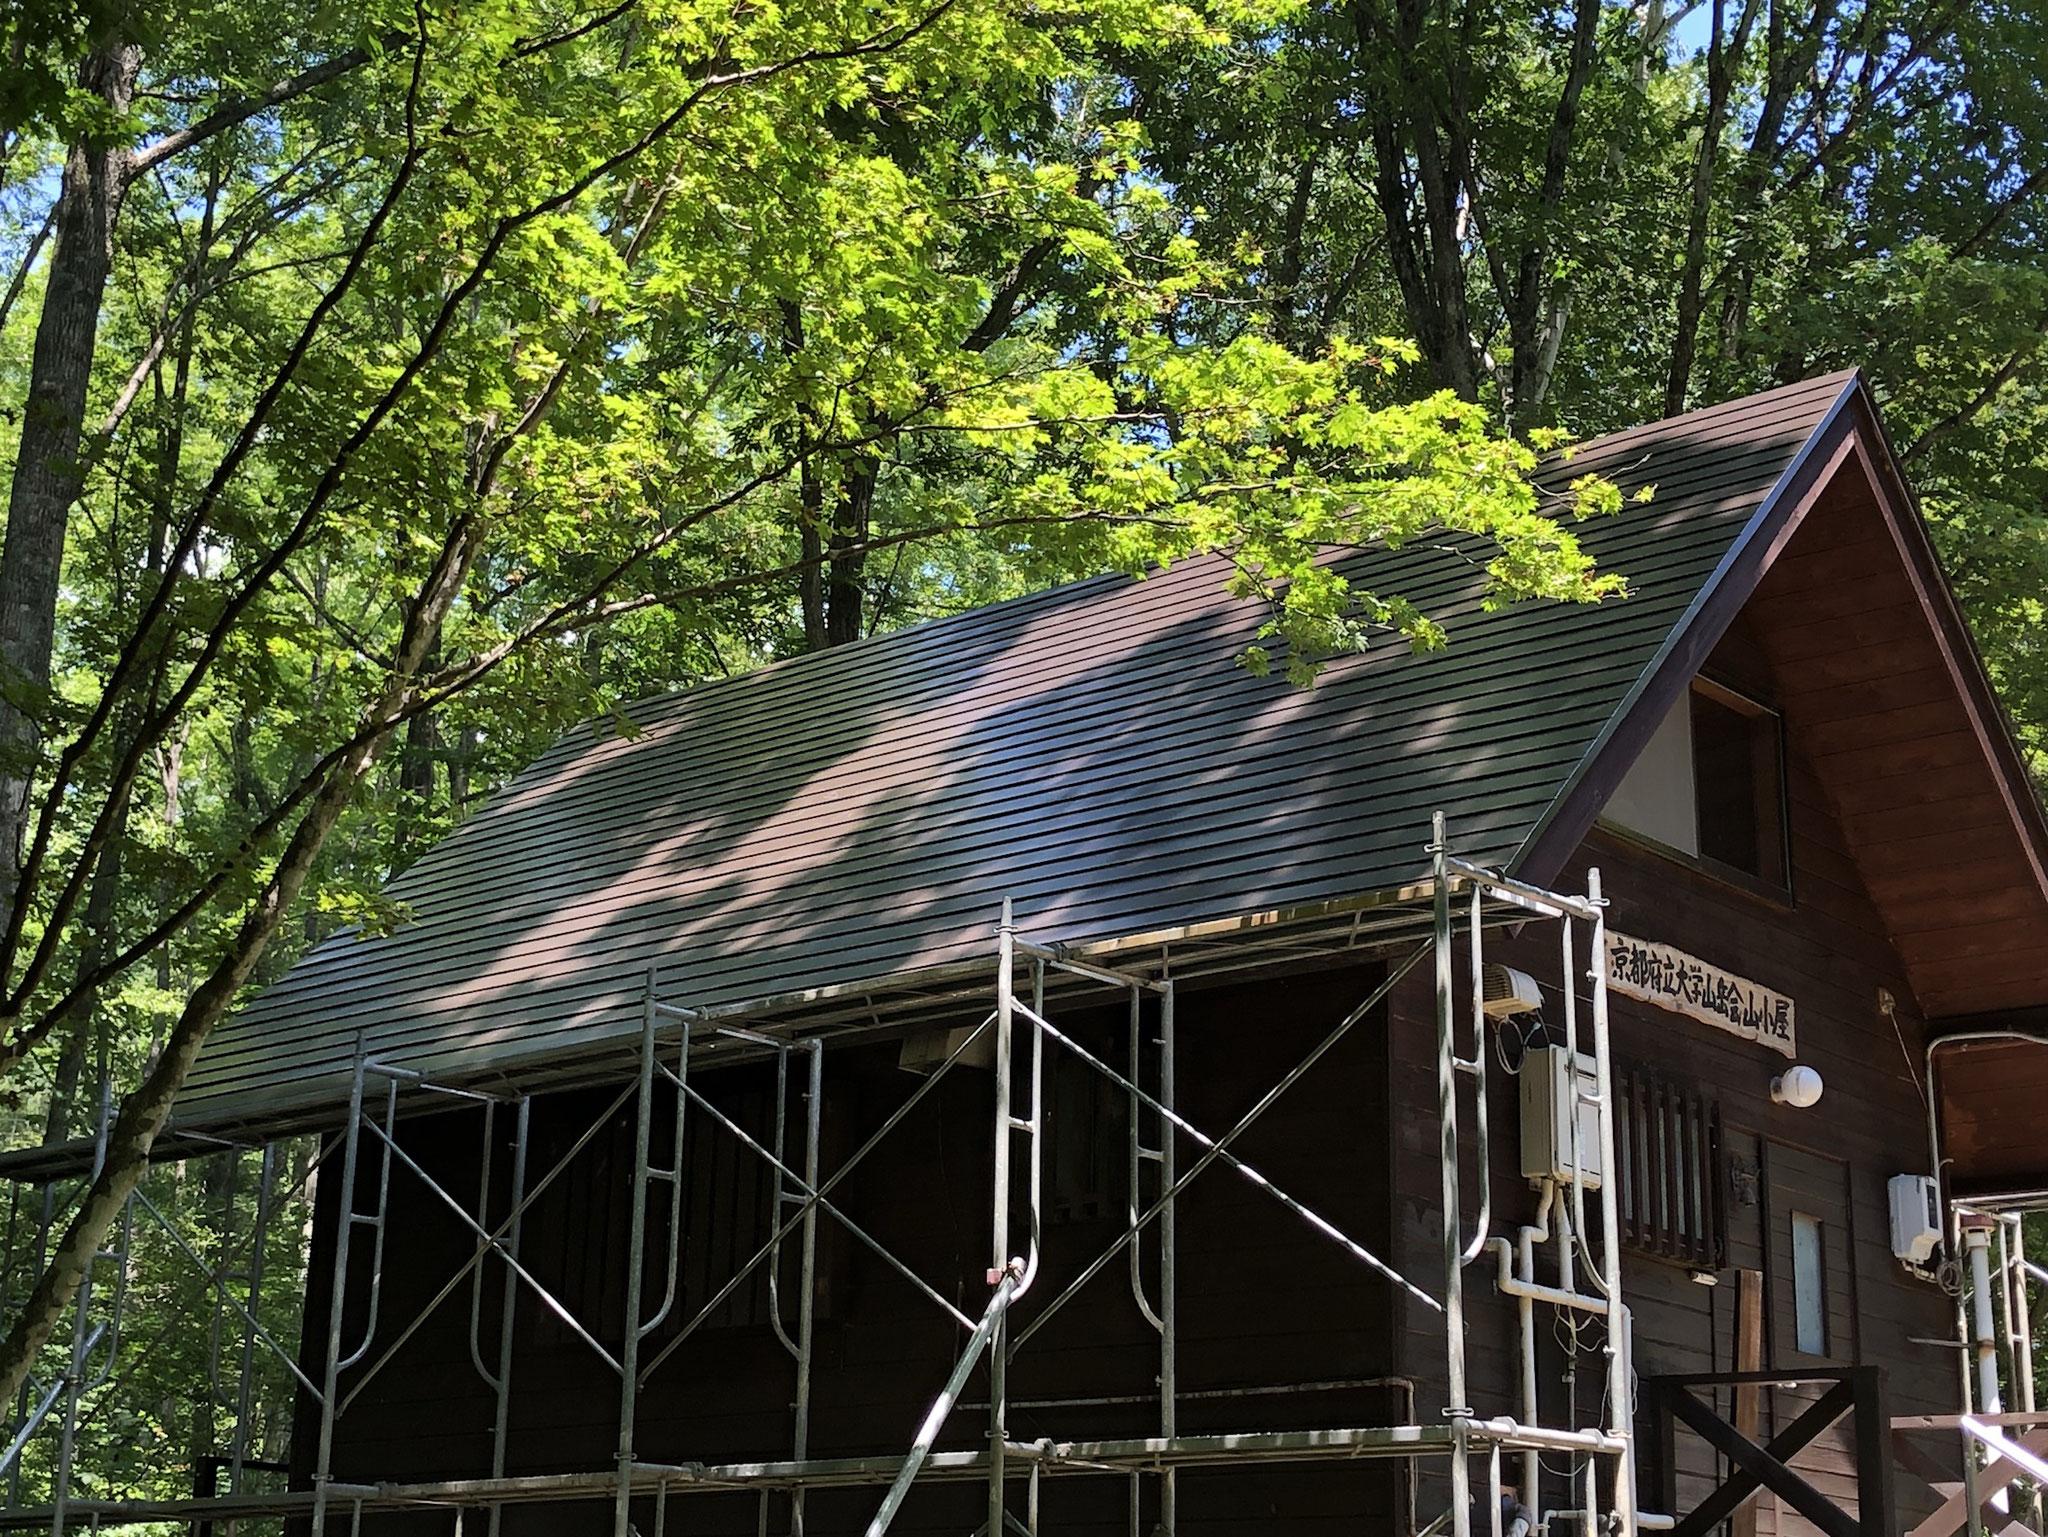 2018年7月 山小屋の屋根葺き替え工事